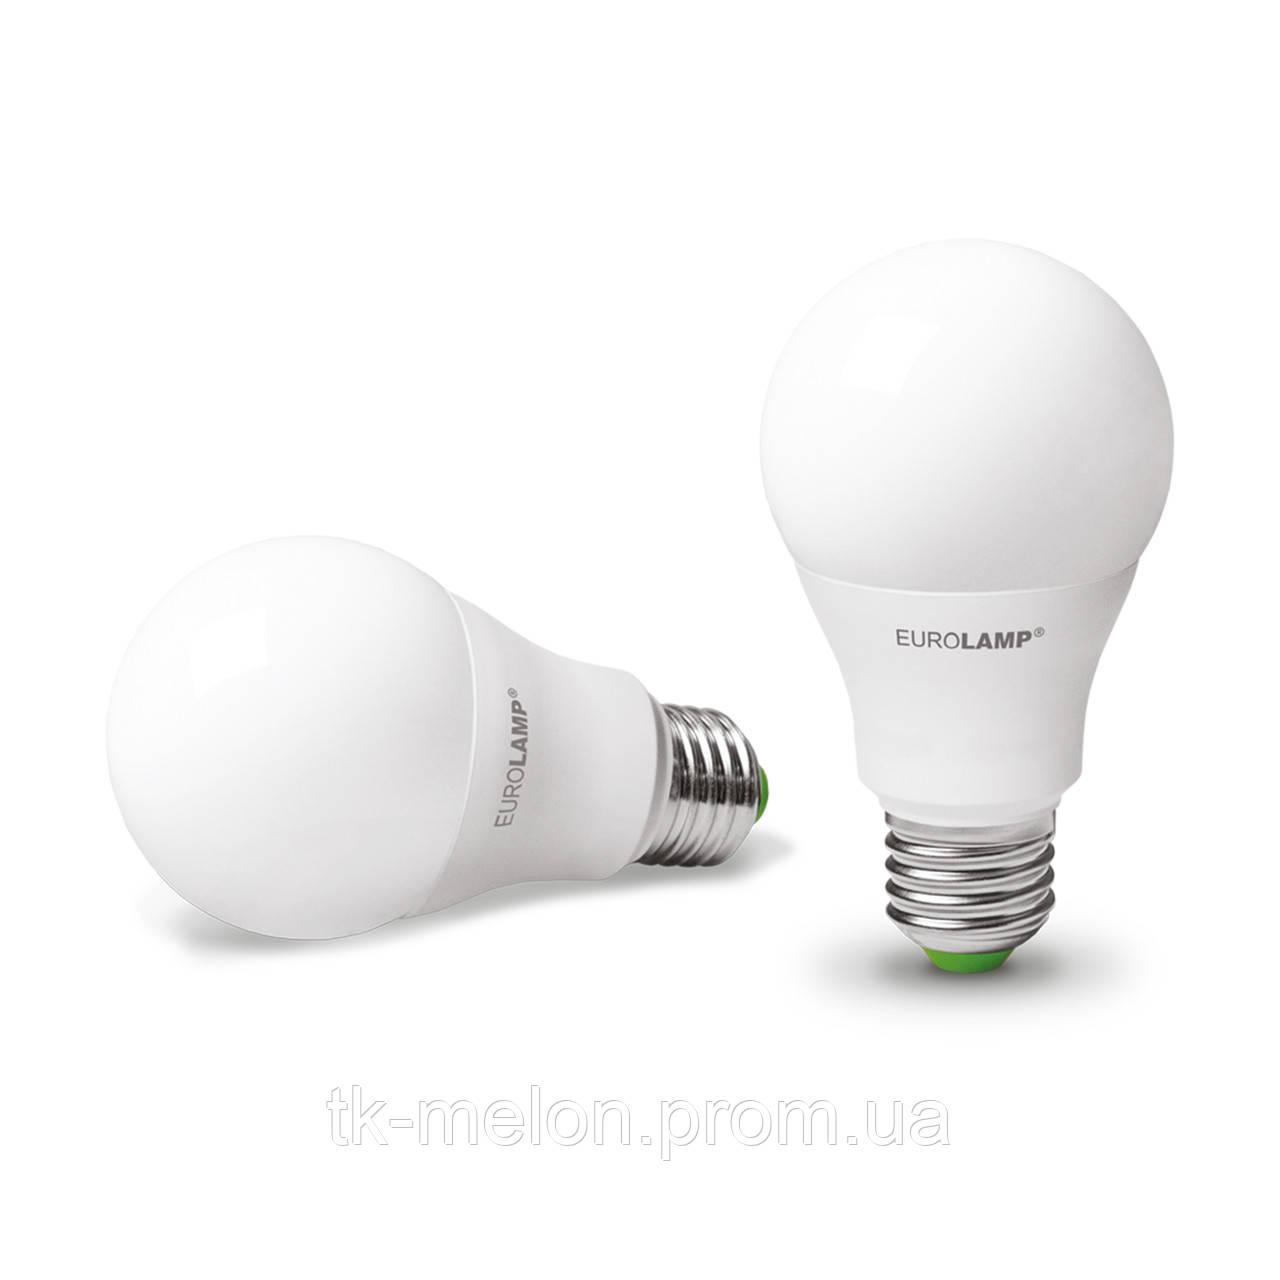 LED Лампа ЕКО А60 10W E27 4000K